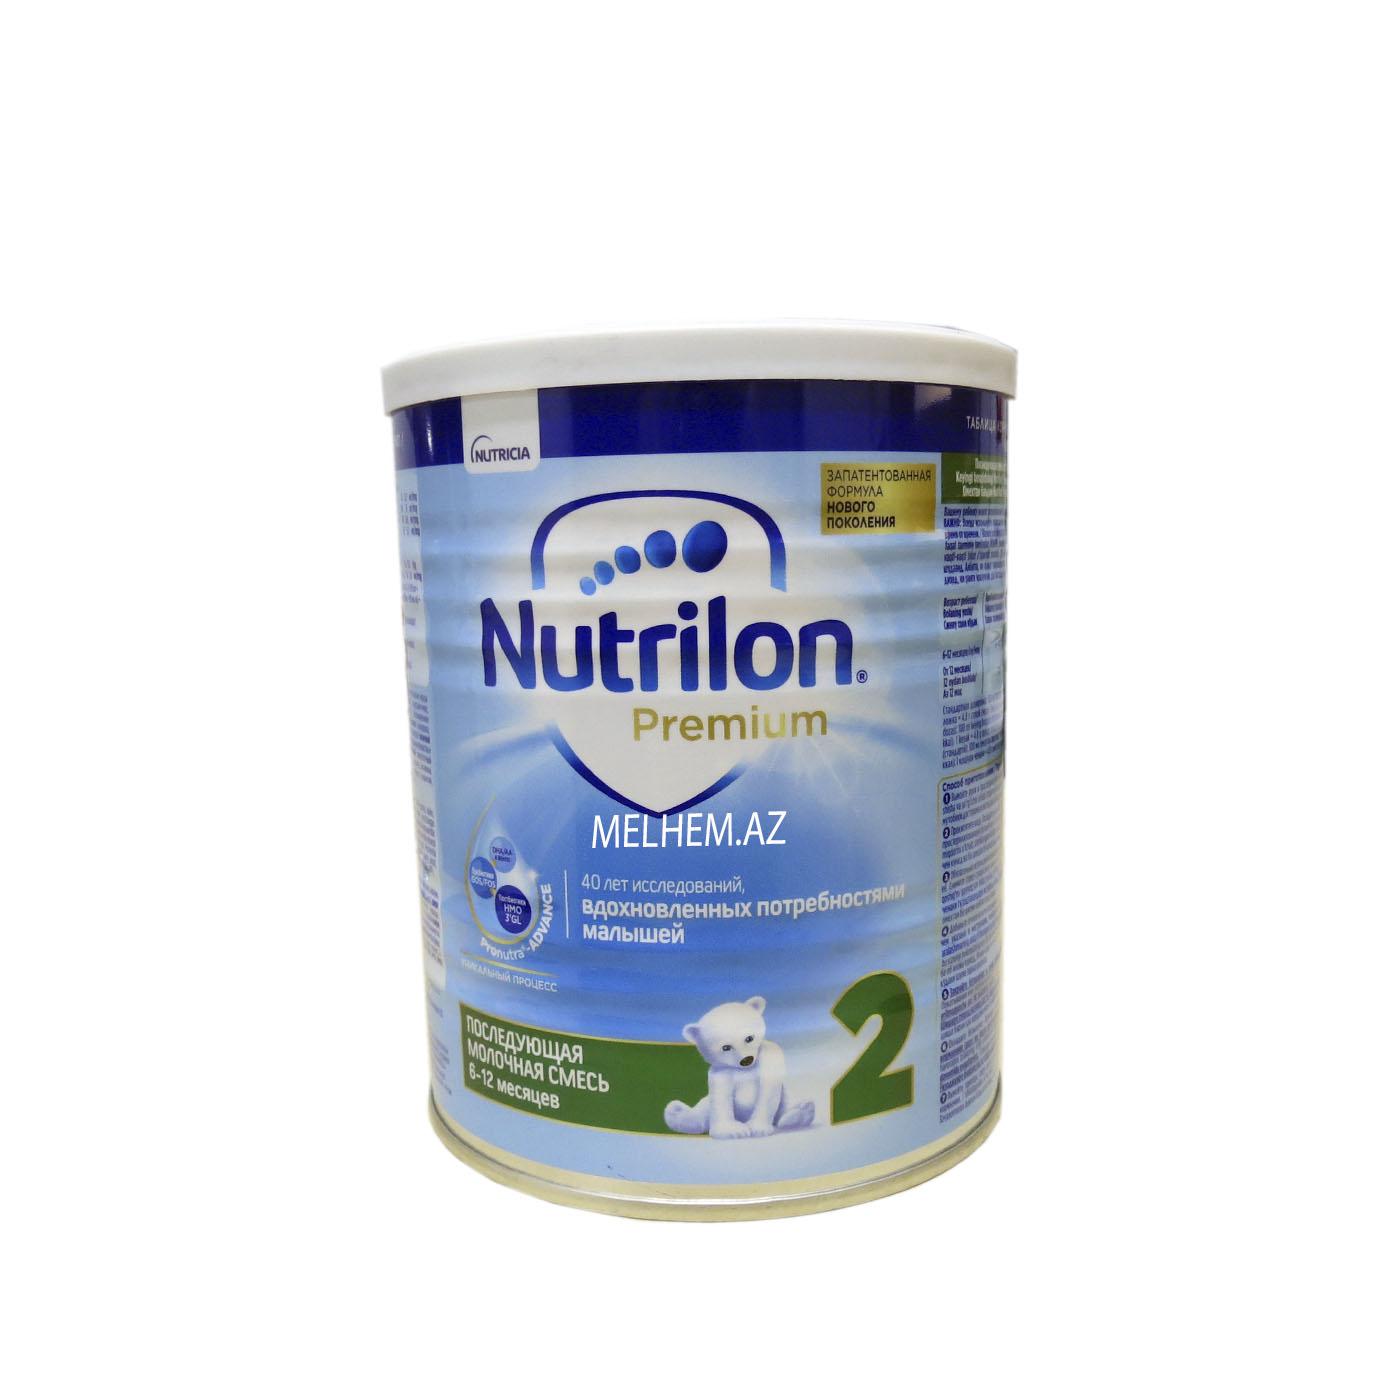 NUTRİLON 2 (PREMİUM) 400QR